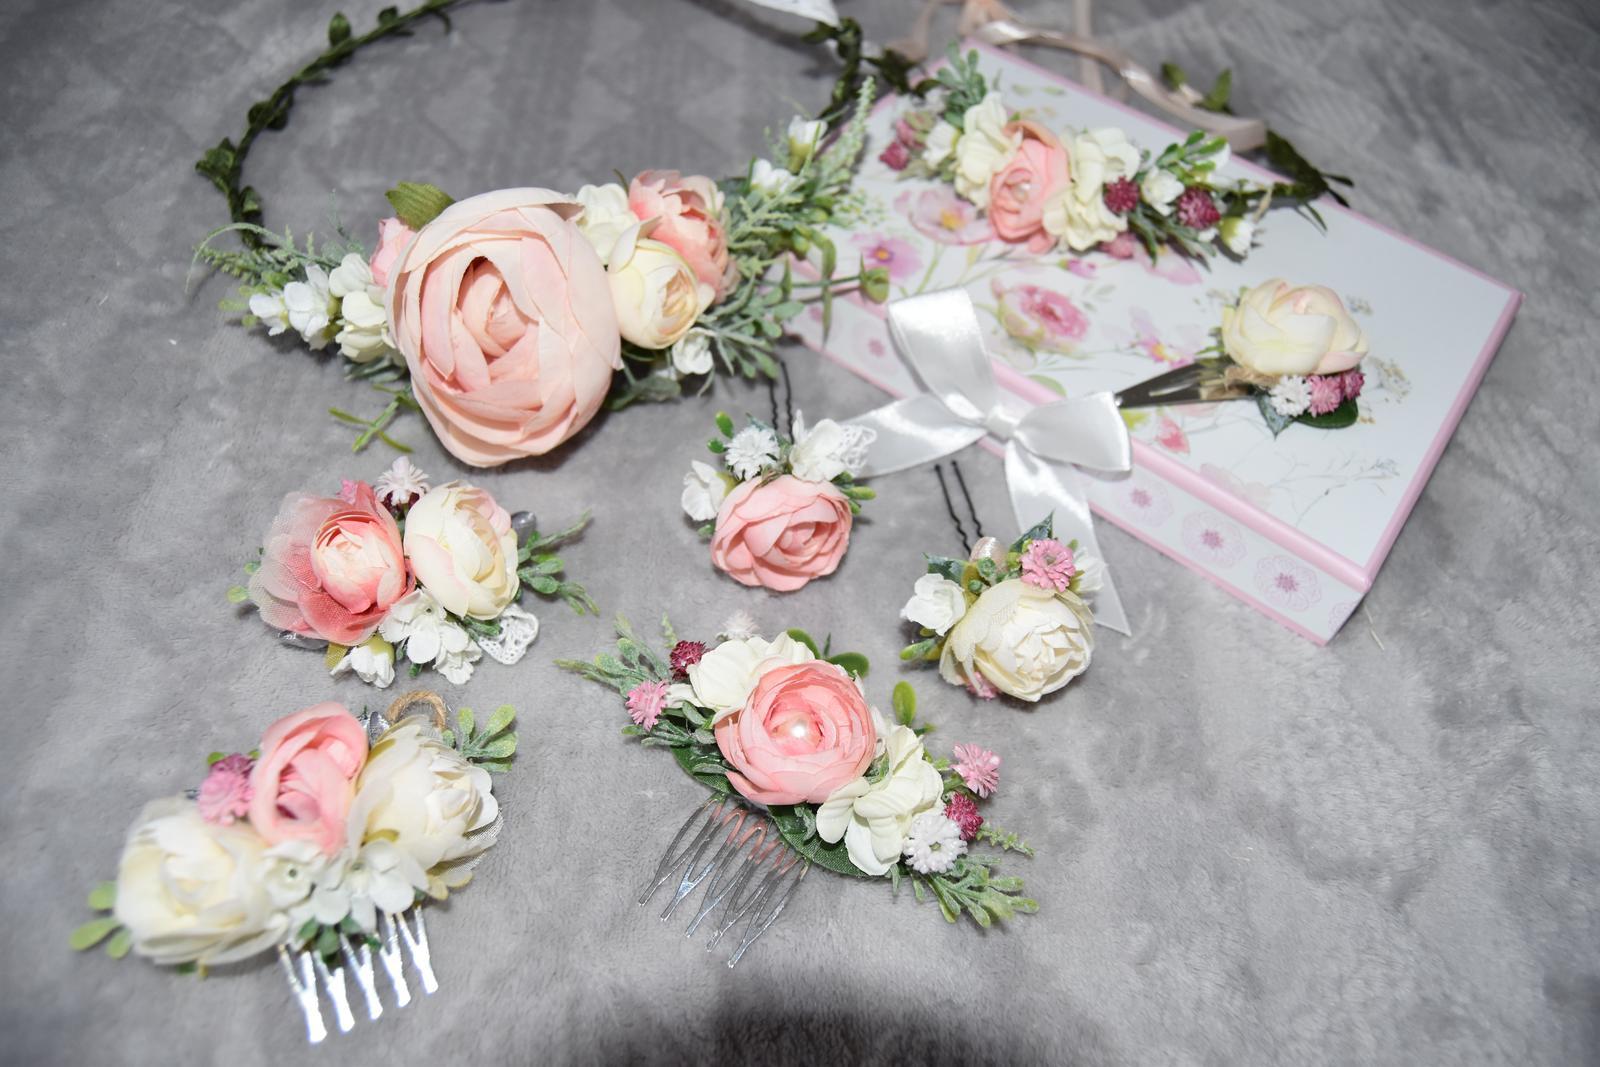 Wedding Time - čačky pre moje malé družičky :) ... stále pokračujem vo výrobe :D